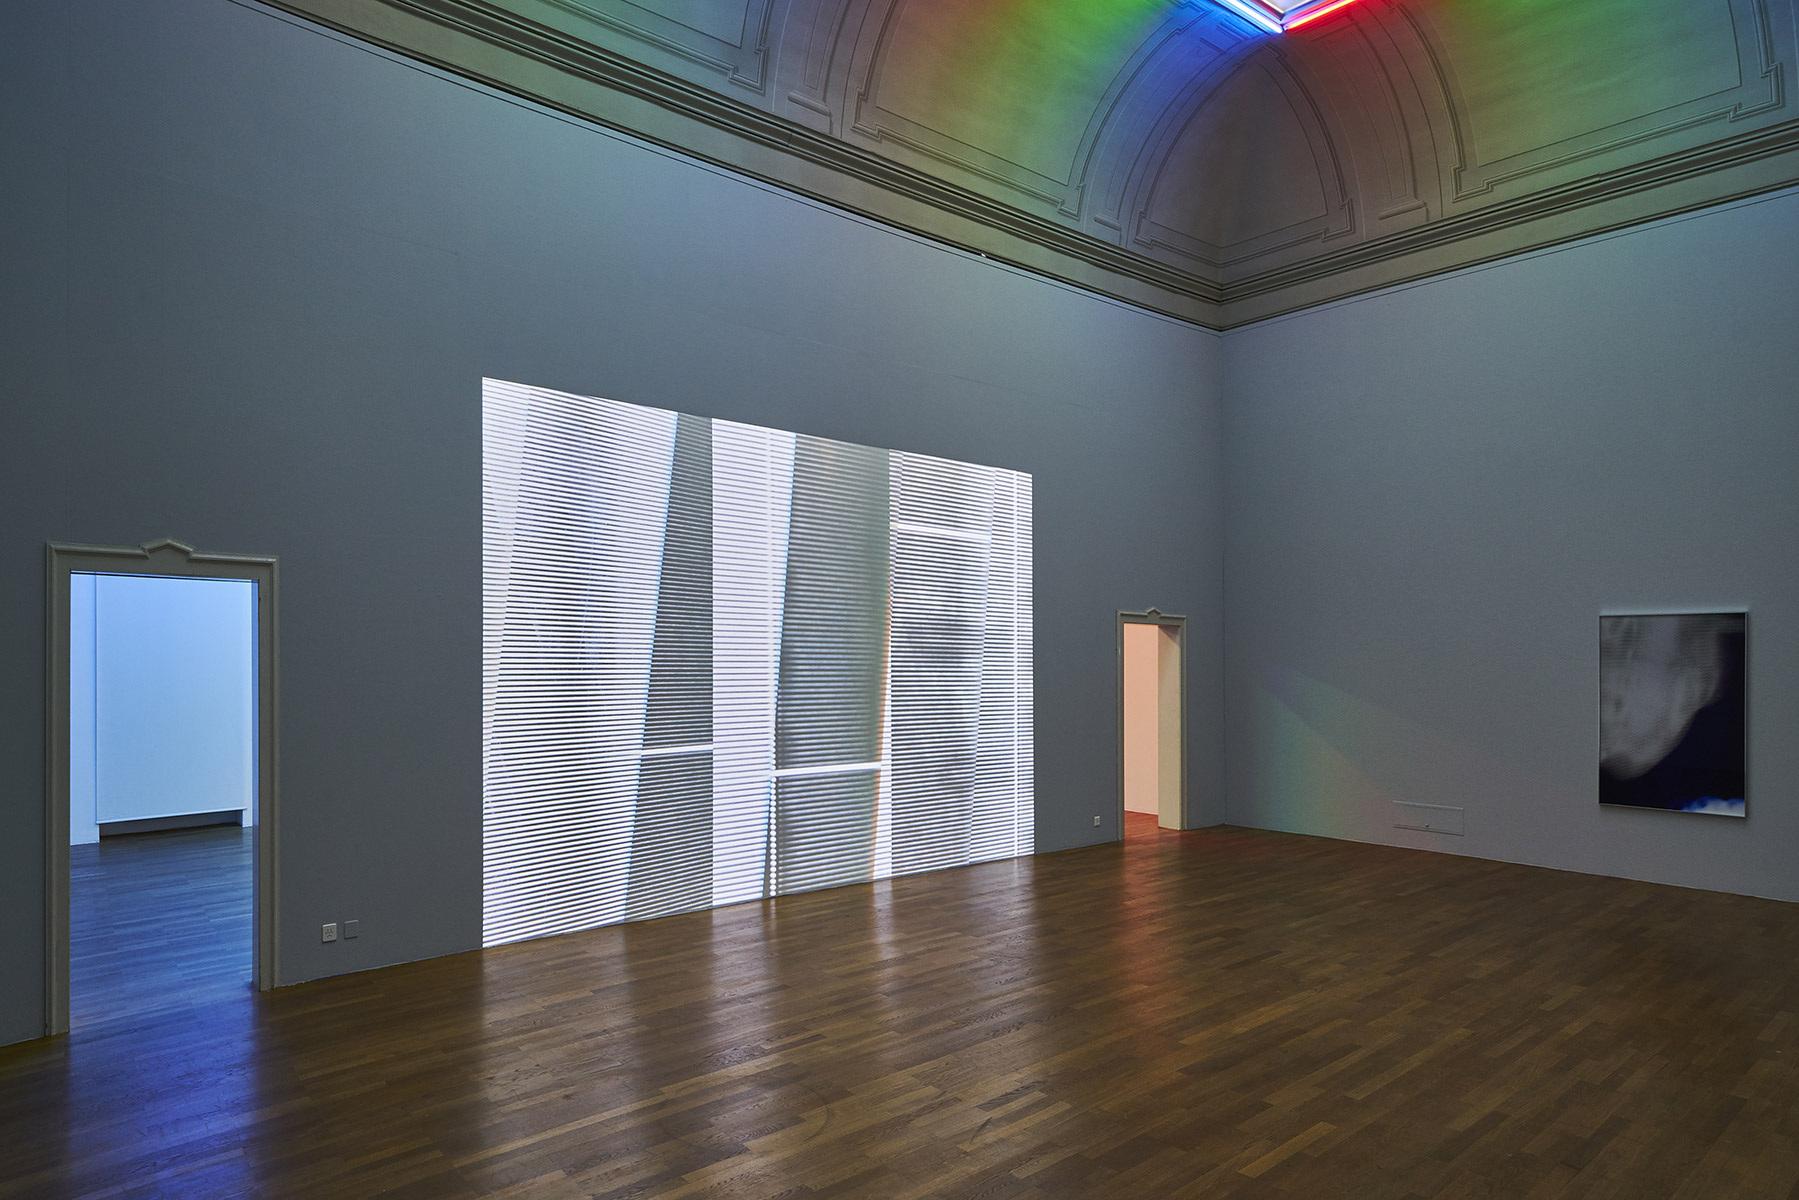 Kunsthalle-Winterthur-Michael-Etzensperger-1.jpg